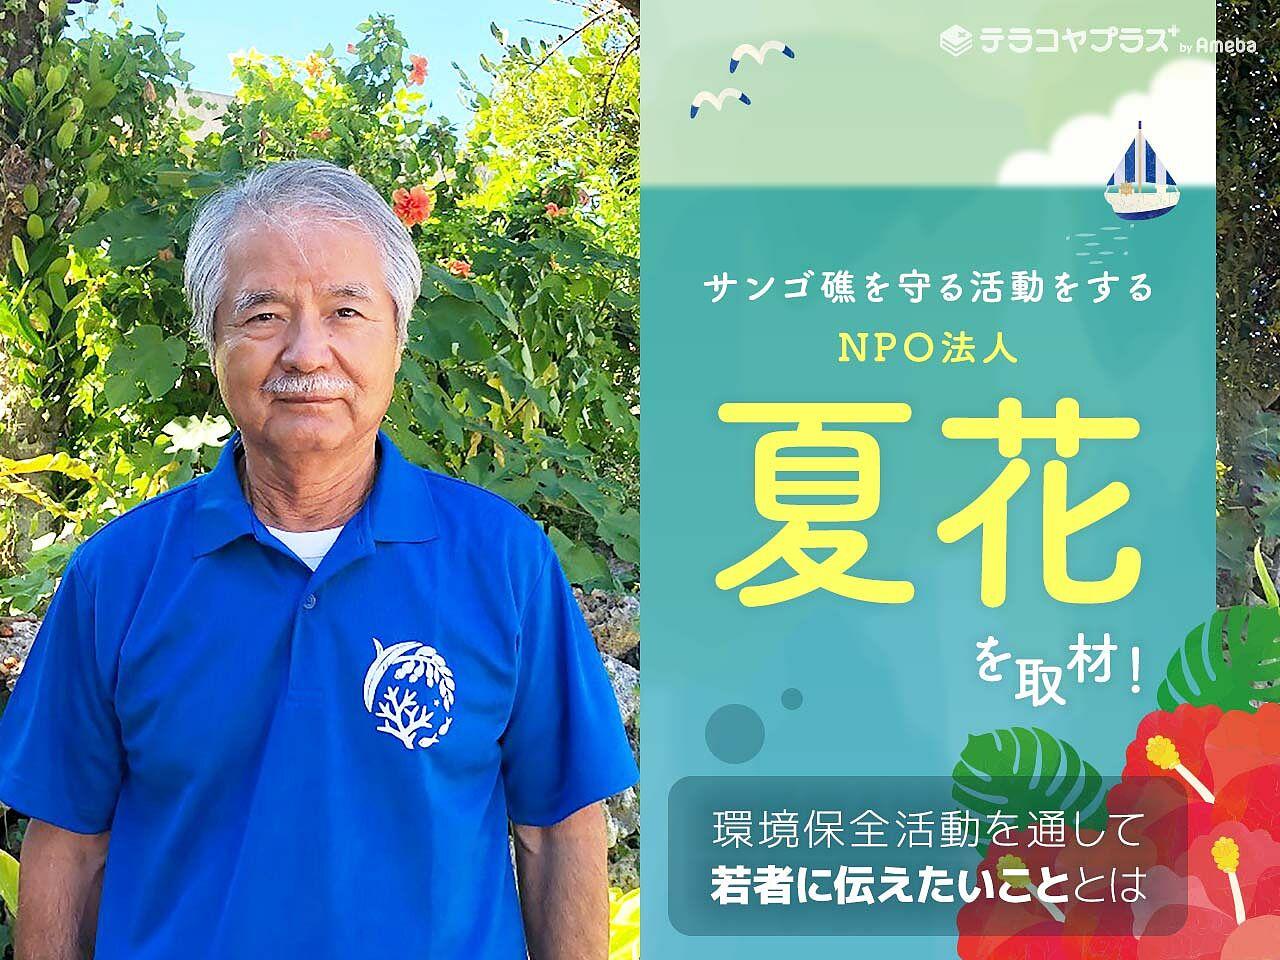 サンゴ礁を守る活動をするNPO法人「夏花」を取材!環境保全活動を通して若者に伝えたいこととはの画像